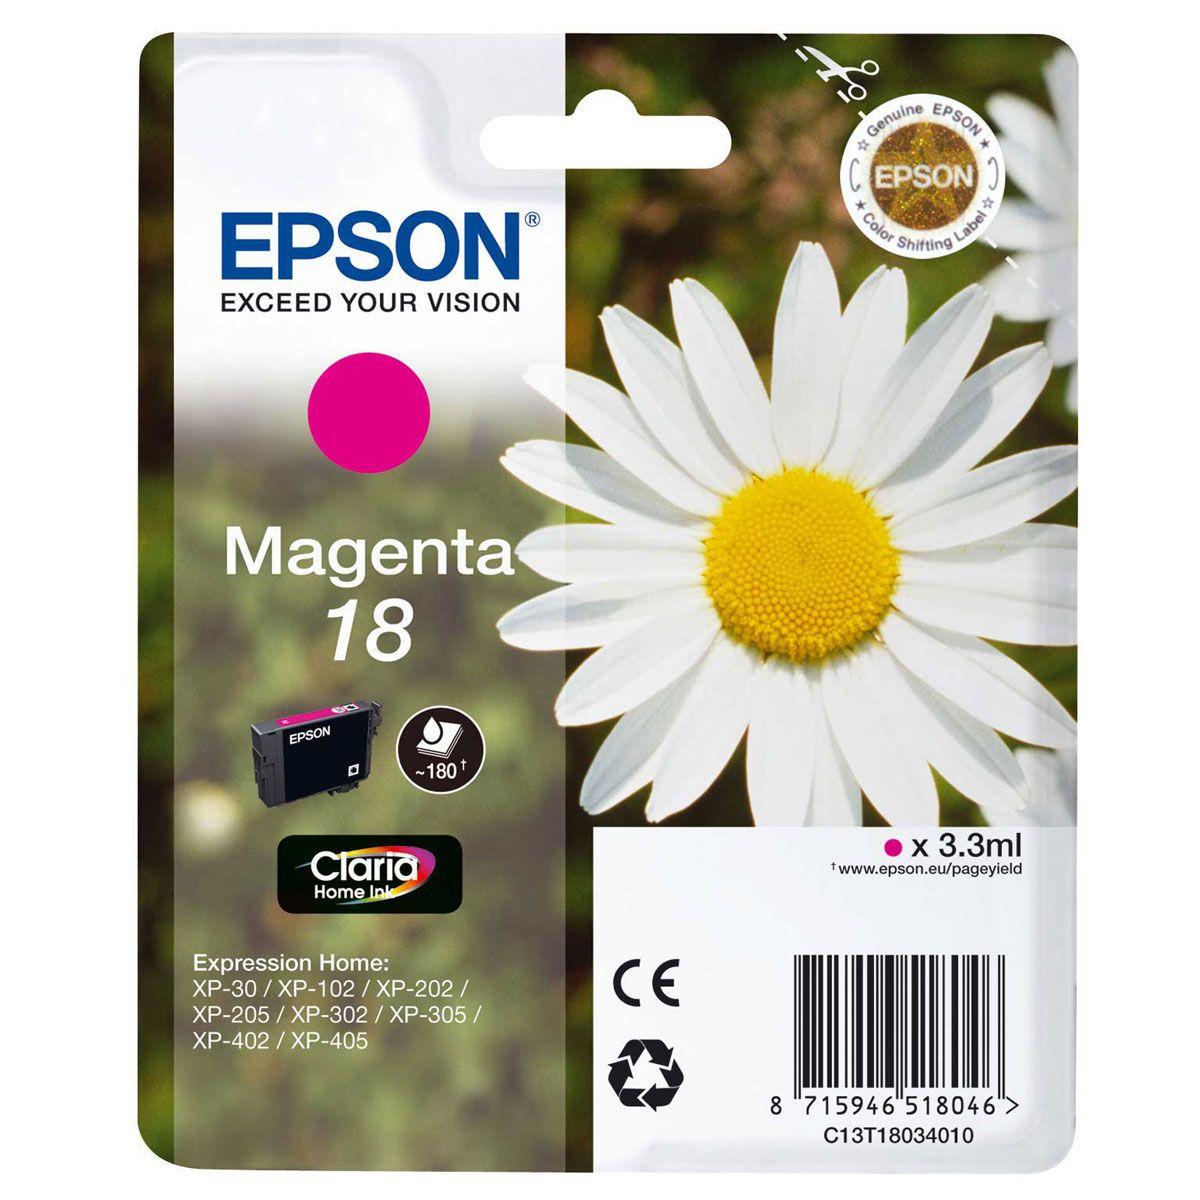 Cartouche d'encre EPSON T1803 Magenta Série Paquerette